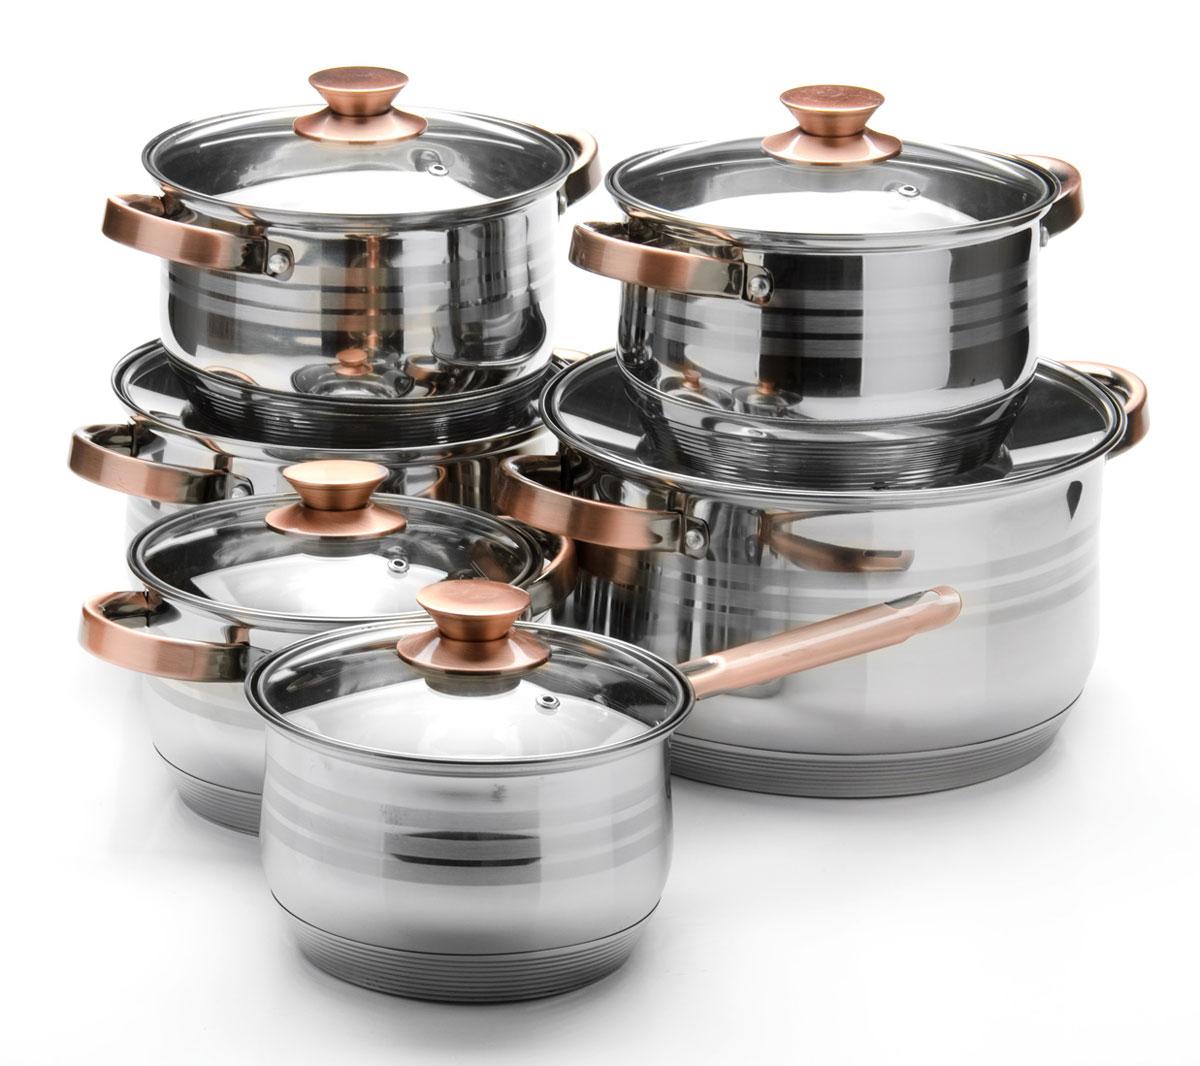 Набор посуды Mayer & Boch, 12 предметов. 2604354 009312Набор посуды станет отличным дополнением к набору кухонной утвари. С его приобретением приготовление ваших любимых блюд перейдет на качественно новый уровень и вы сможете воплотить в жизнь любые кулинарные идеи. В комплект входят 12 предметов: сотейник (объем 2,1 л), 3 кастрюли (объем 2,1, 6,6, 8 л) и 2 кастрюли (объем 2,9 л), 6 крышек. Набор многофункционален и удобен в использовании, подойдет для варки супов, приготовления блюд из мяса и рыбы, гарниров, соусов т. д.